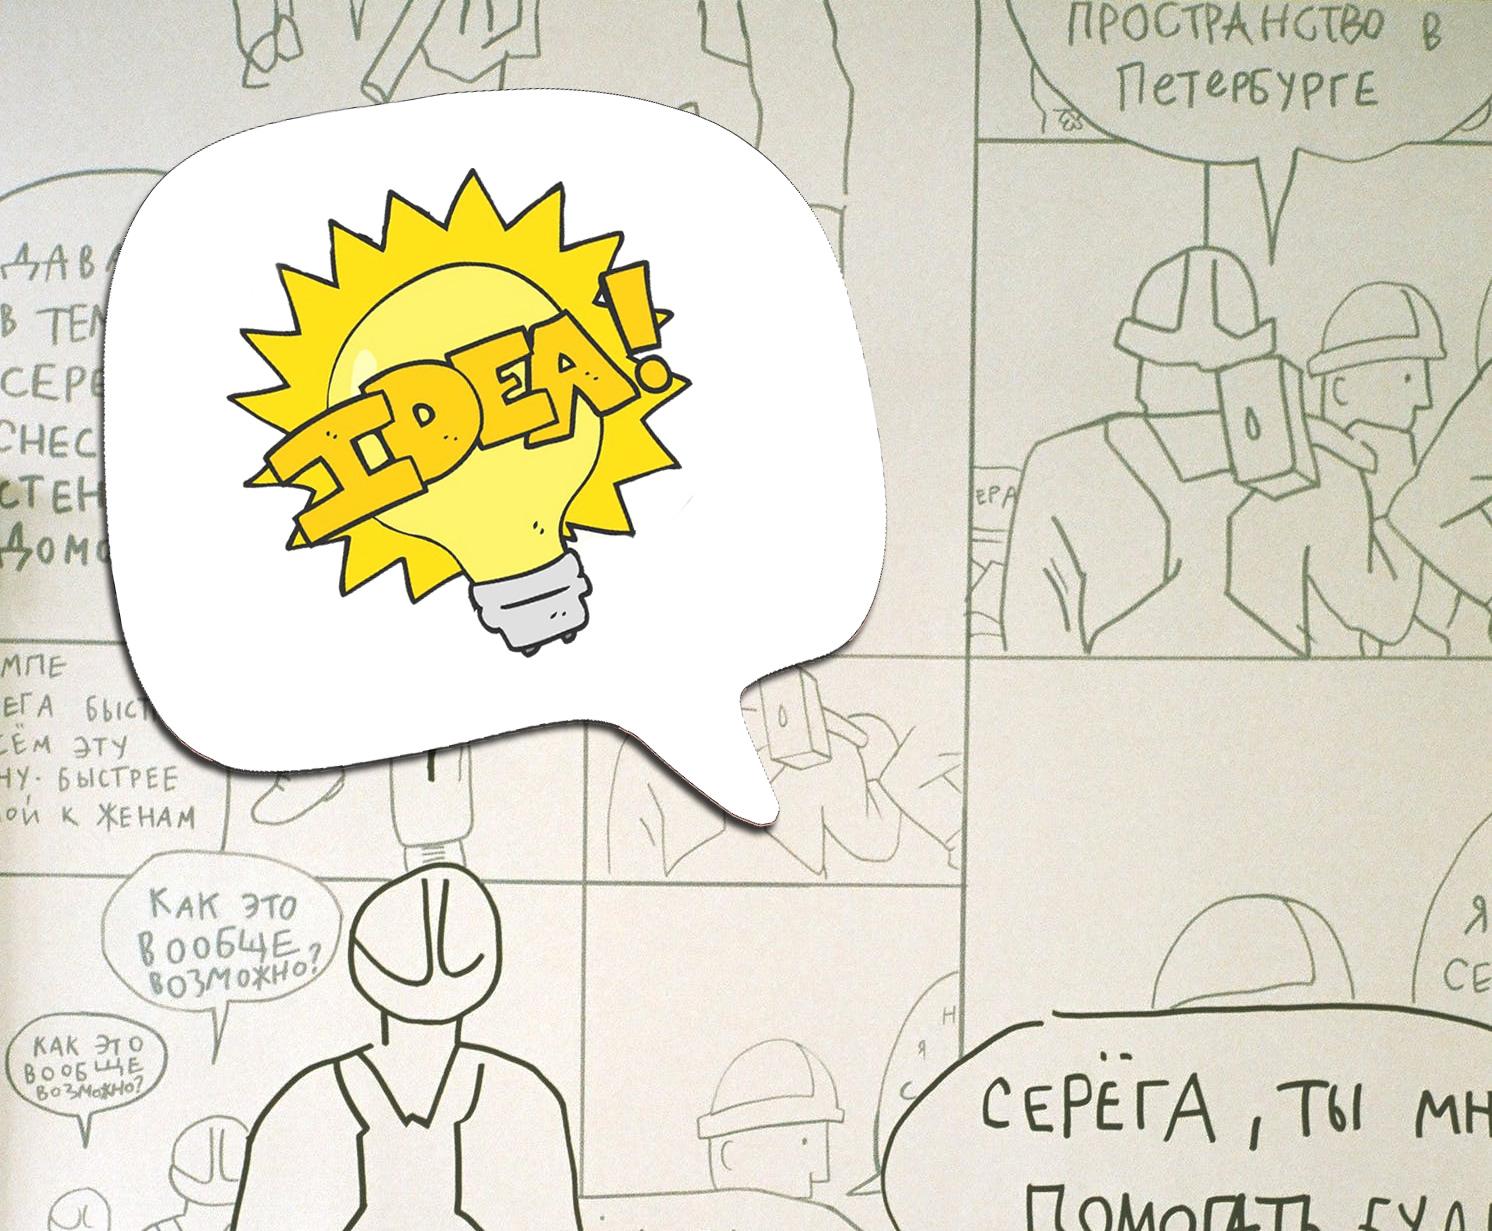 Post it sagomato a forma di fumetto: idea di stampa